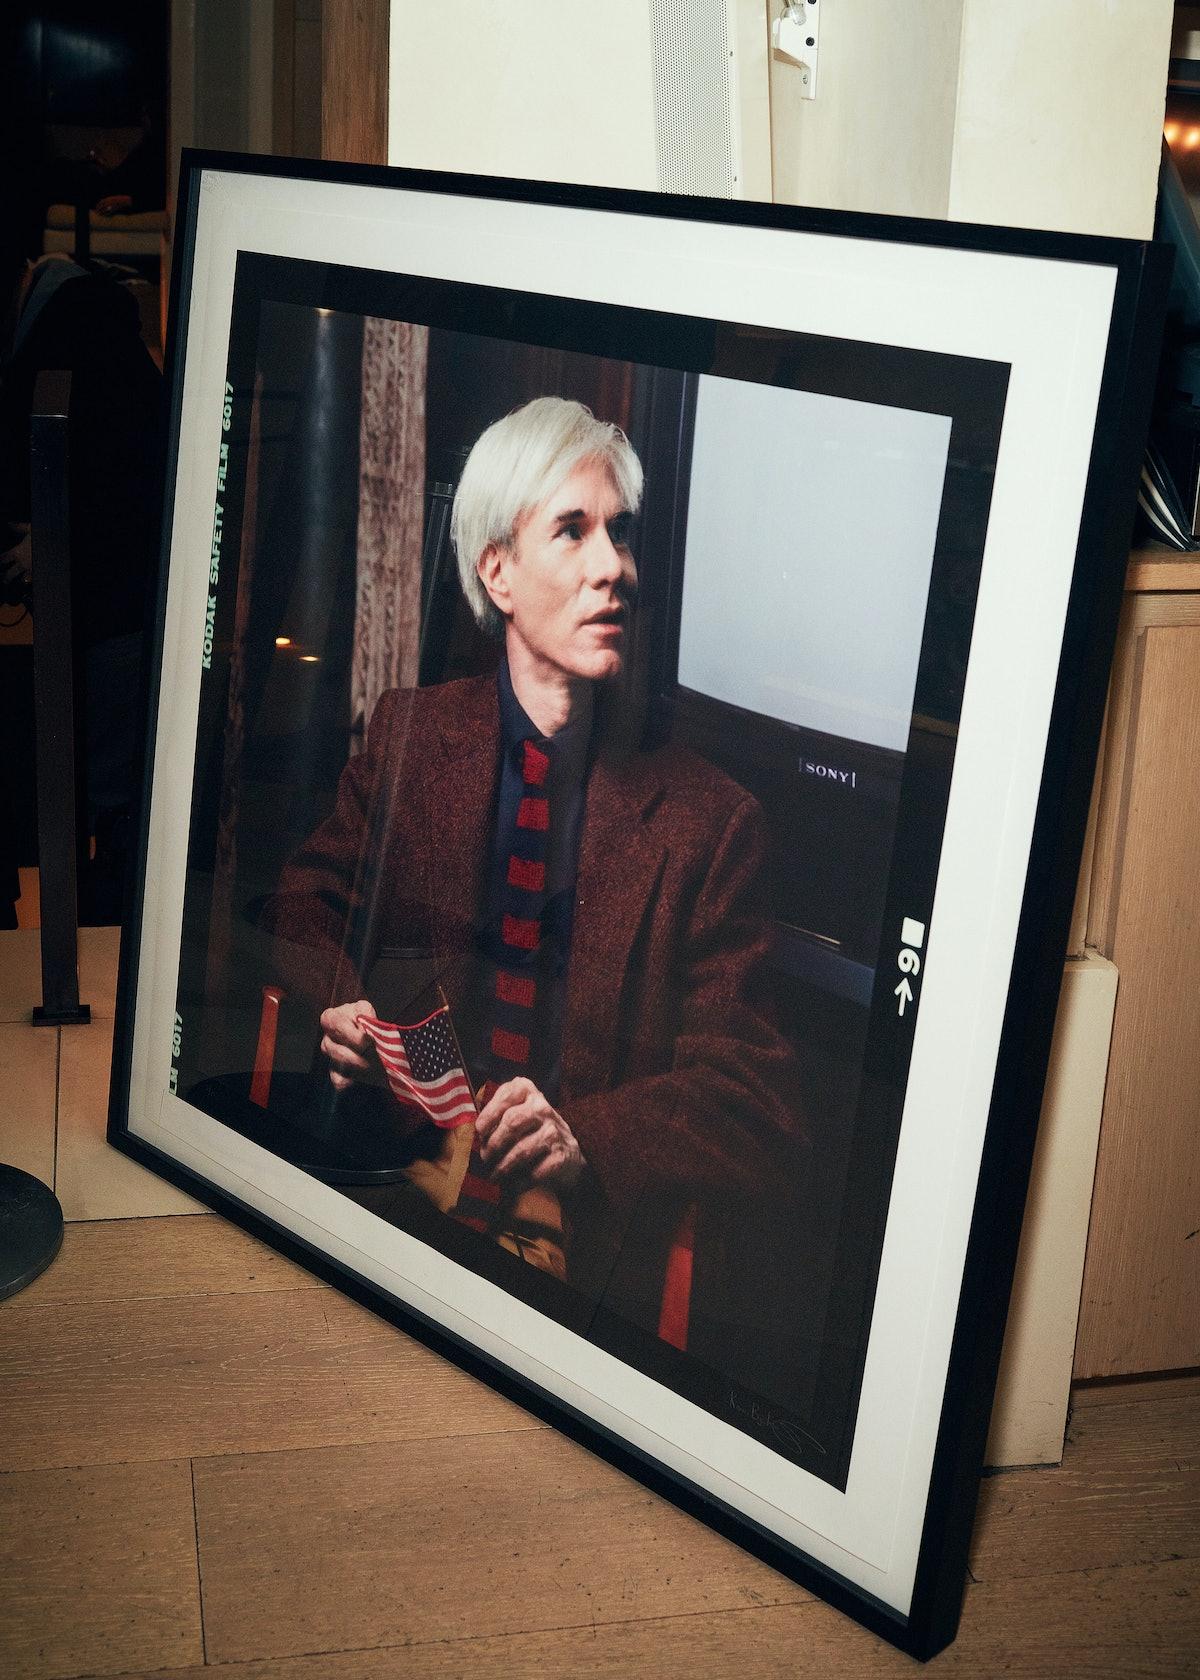 042217_Warhol_005.jpg